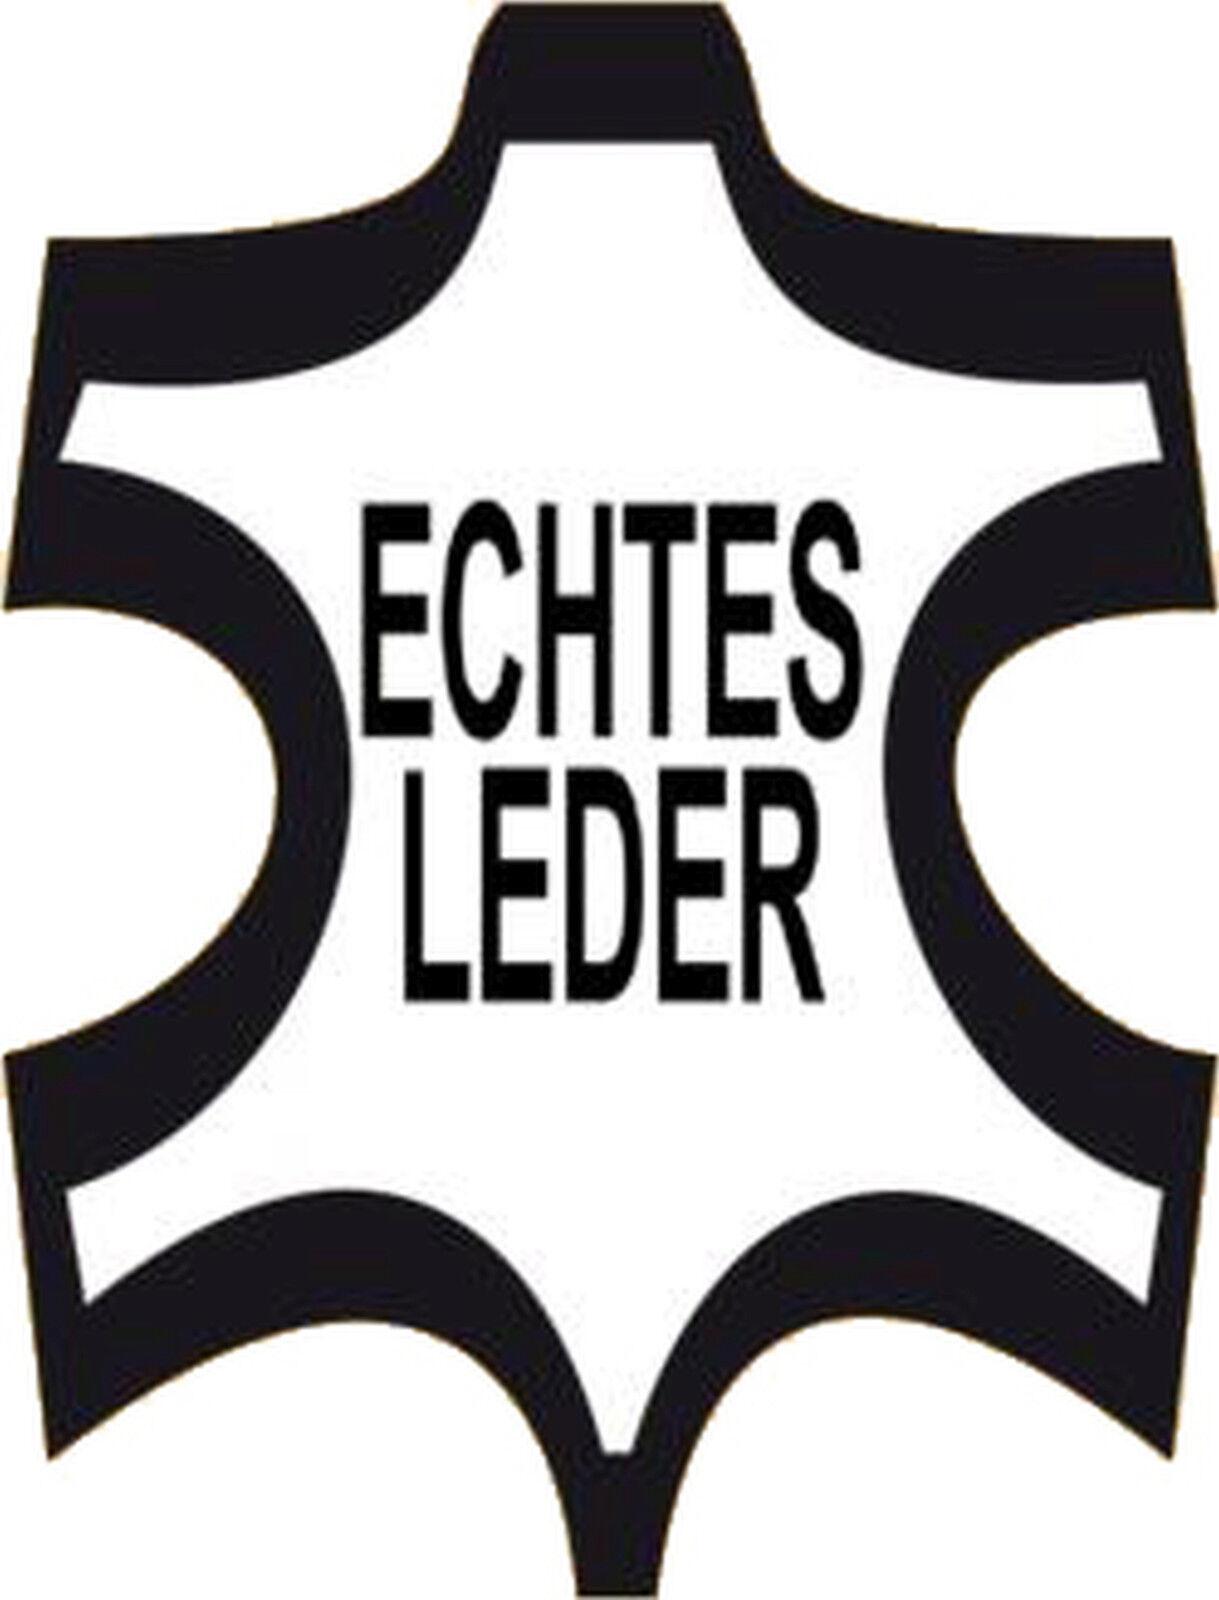 5 Pocket Lederjeans Lederhose echt Büffelleder Hubertus Hunting Hunting Hunting für Kinder 6fb540